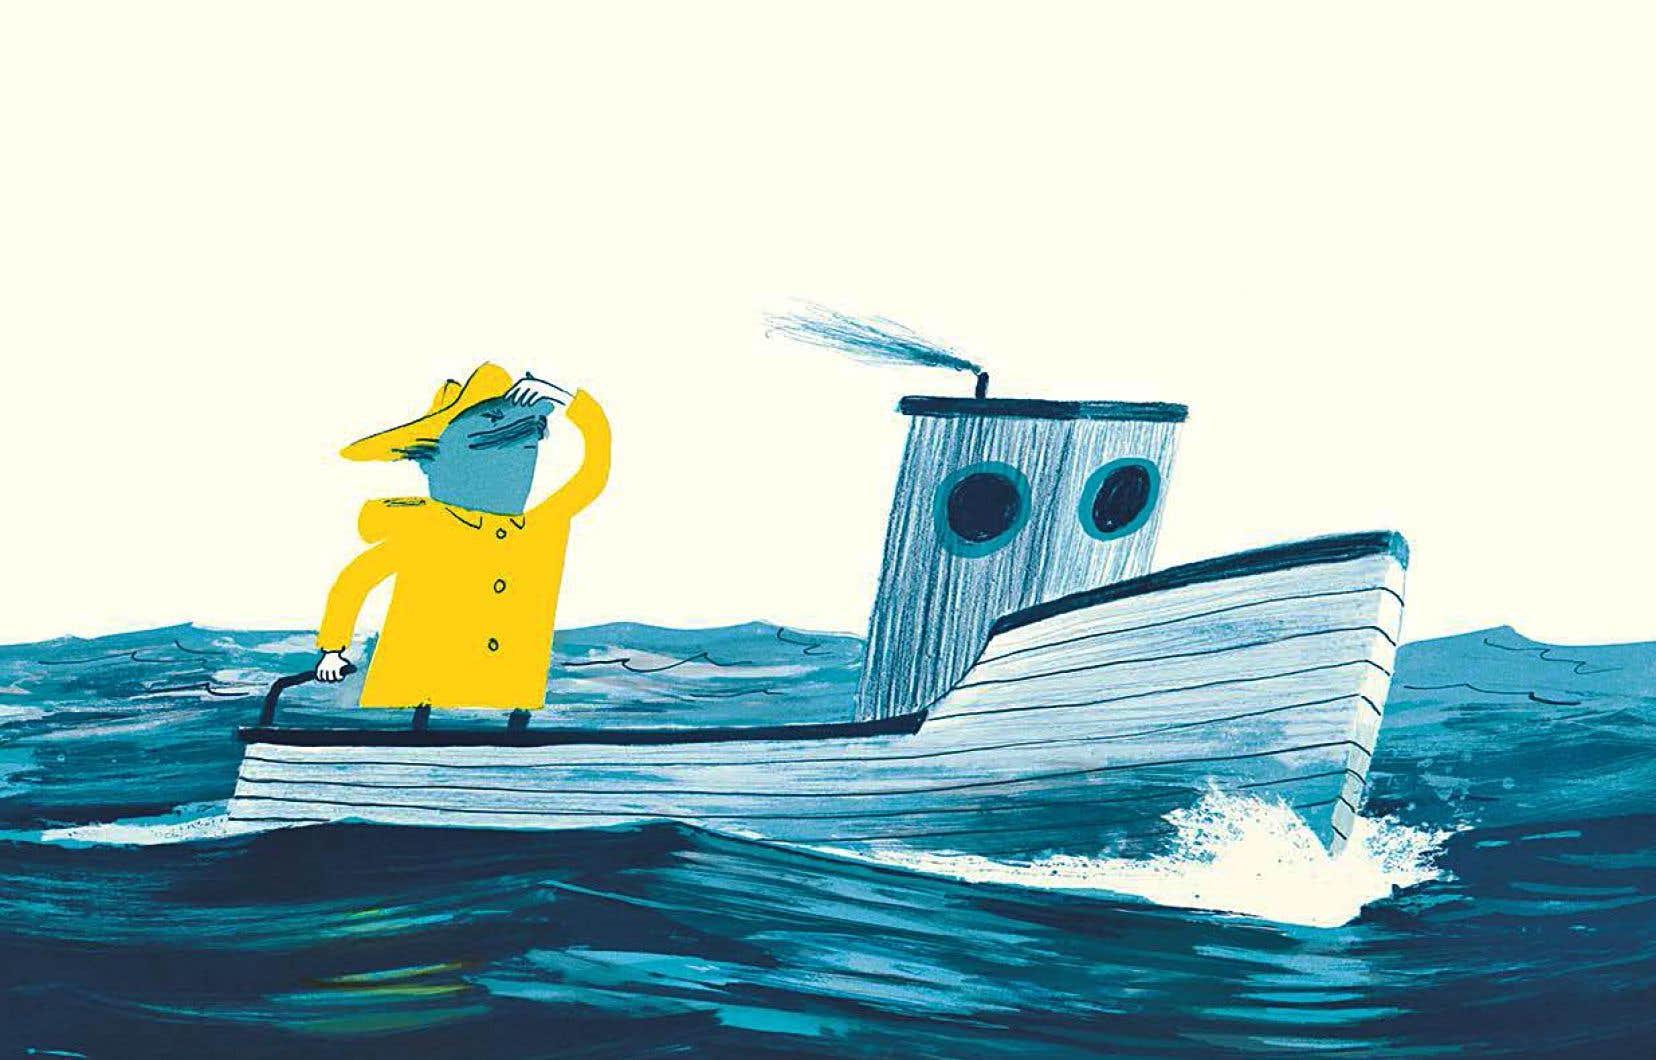 Devant l'immensité inébranlable et le silence de la grande bleue, Fausto se découvrira bien petit, dans la fable poétique «Le destin de Fausto».